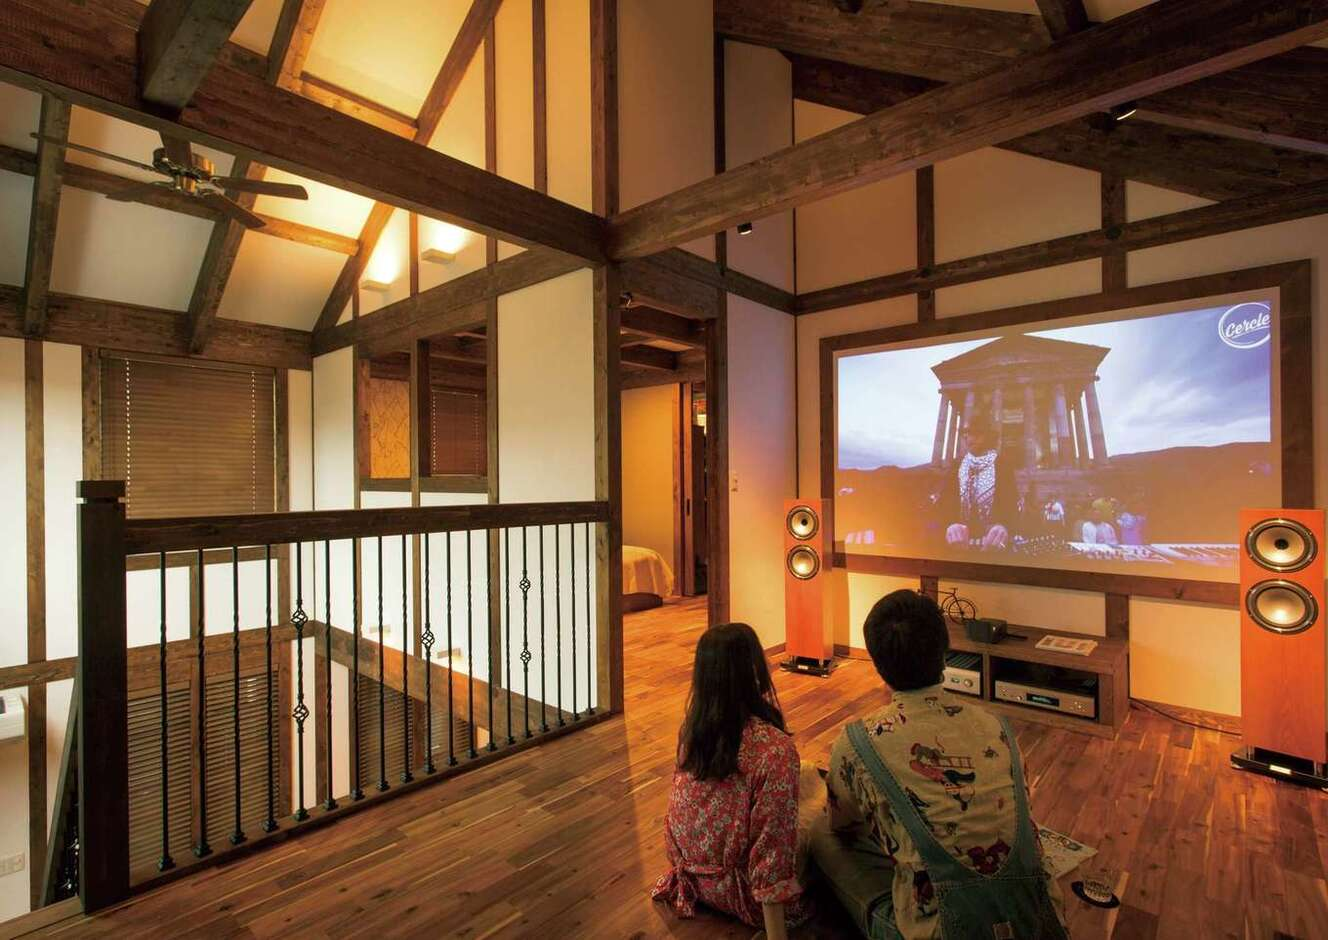 サイエンスホーム甲府店・笛吹店【デザイン住宅、趣味、自然素材】夫婦の夢を叶えた2階のオーディオスペース。スクリーンではなく、木枠を造作し、プロジェクター用のクロスに直接投影するという斬新なアイデア